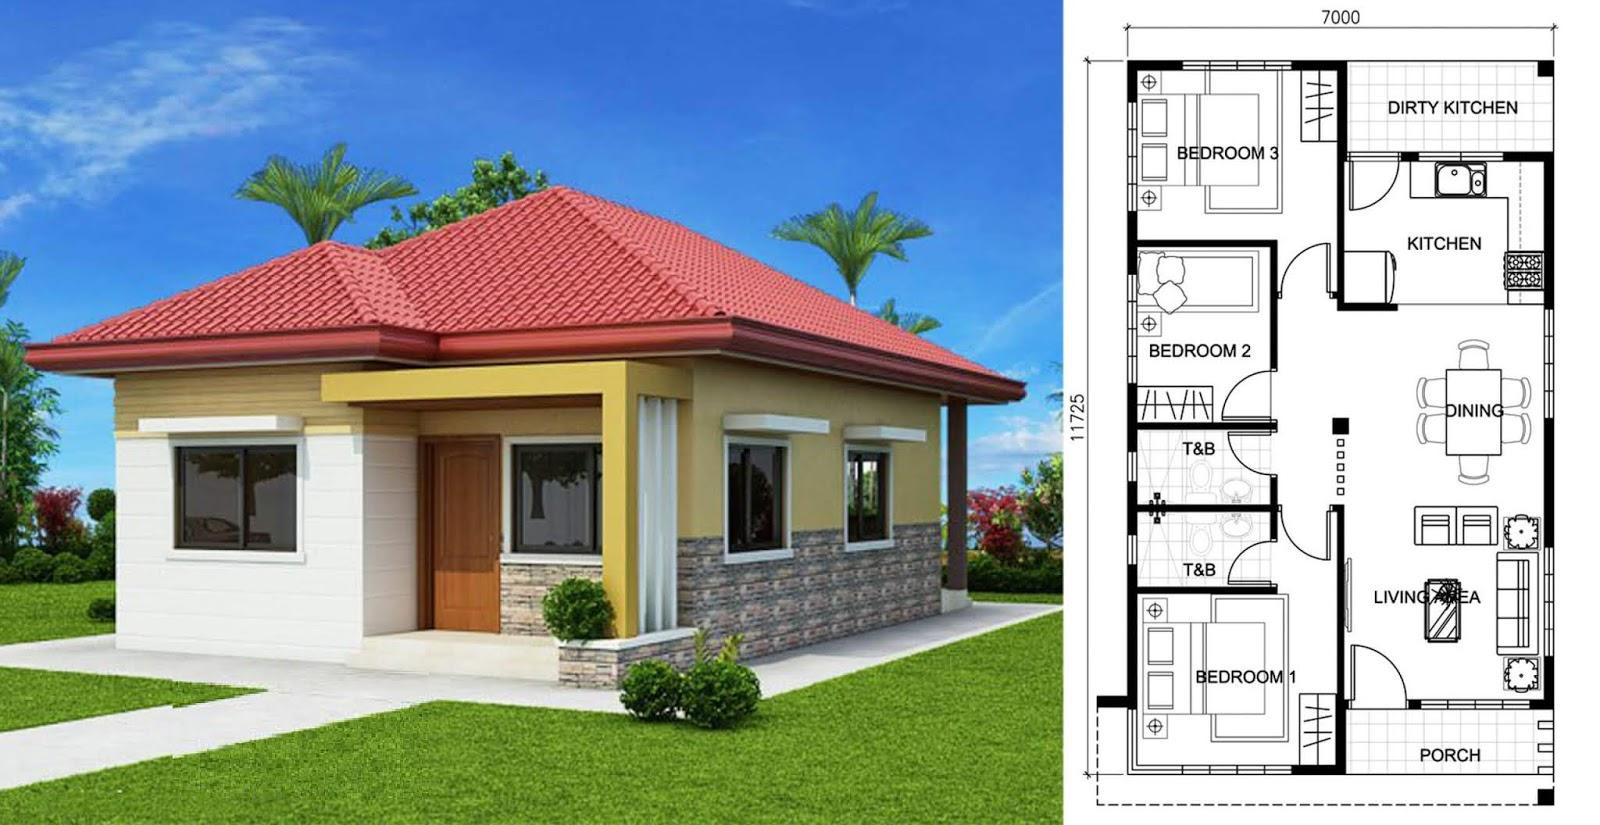 Plan Maison 80m2 Avec 3 Chambres Plan De